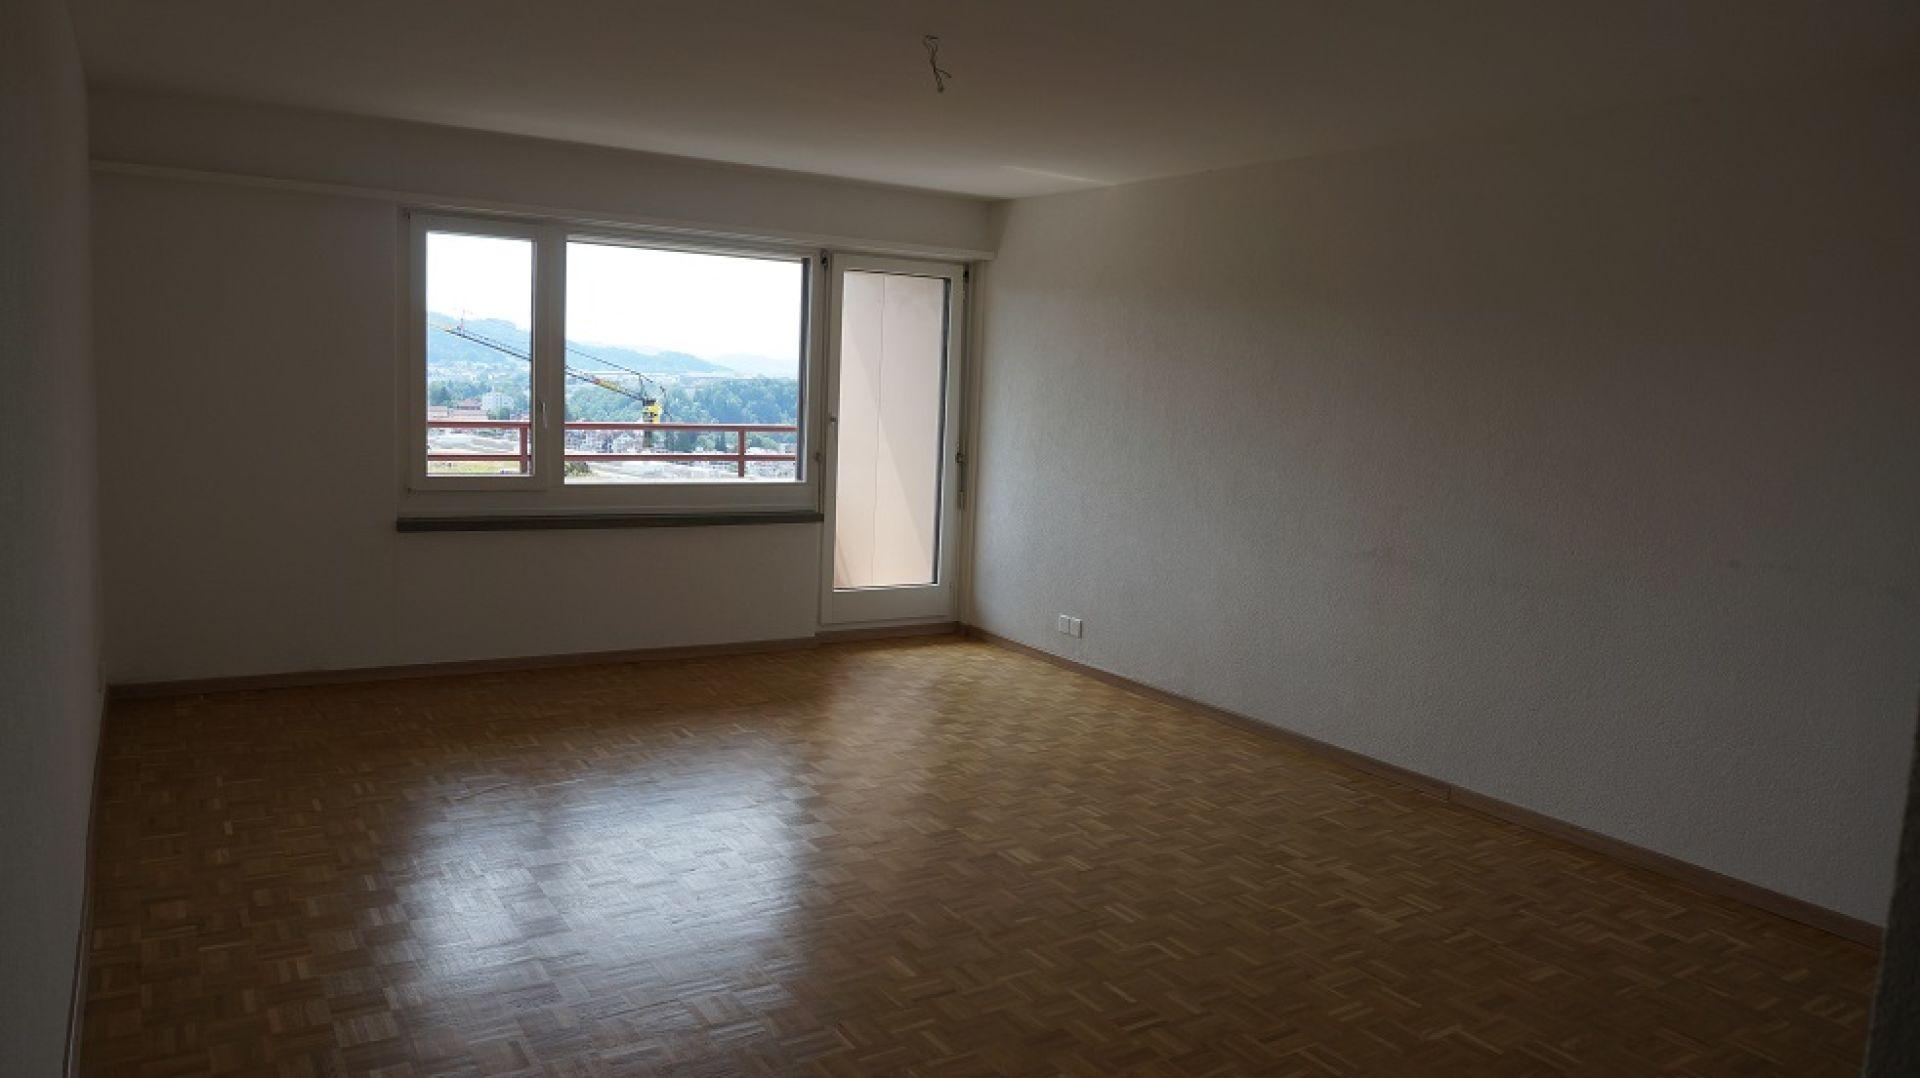 Miete: grosszügige, renovierte Wohnung